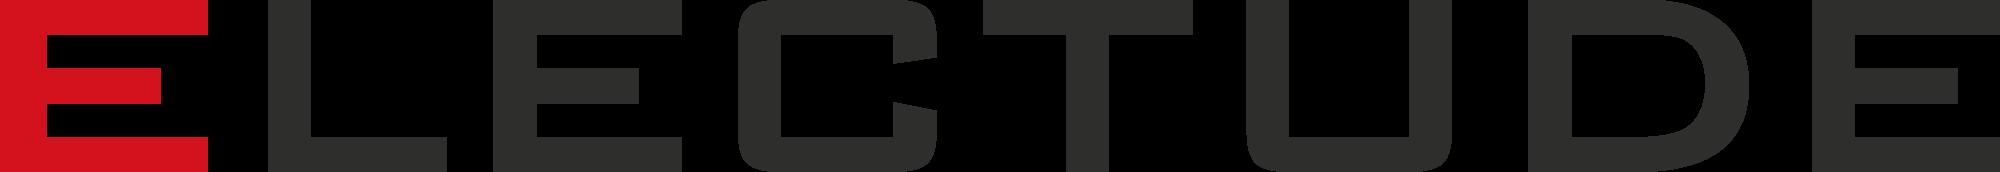 Electude logo